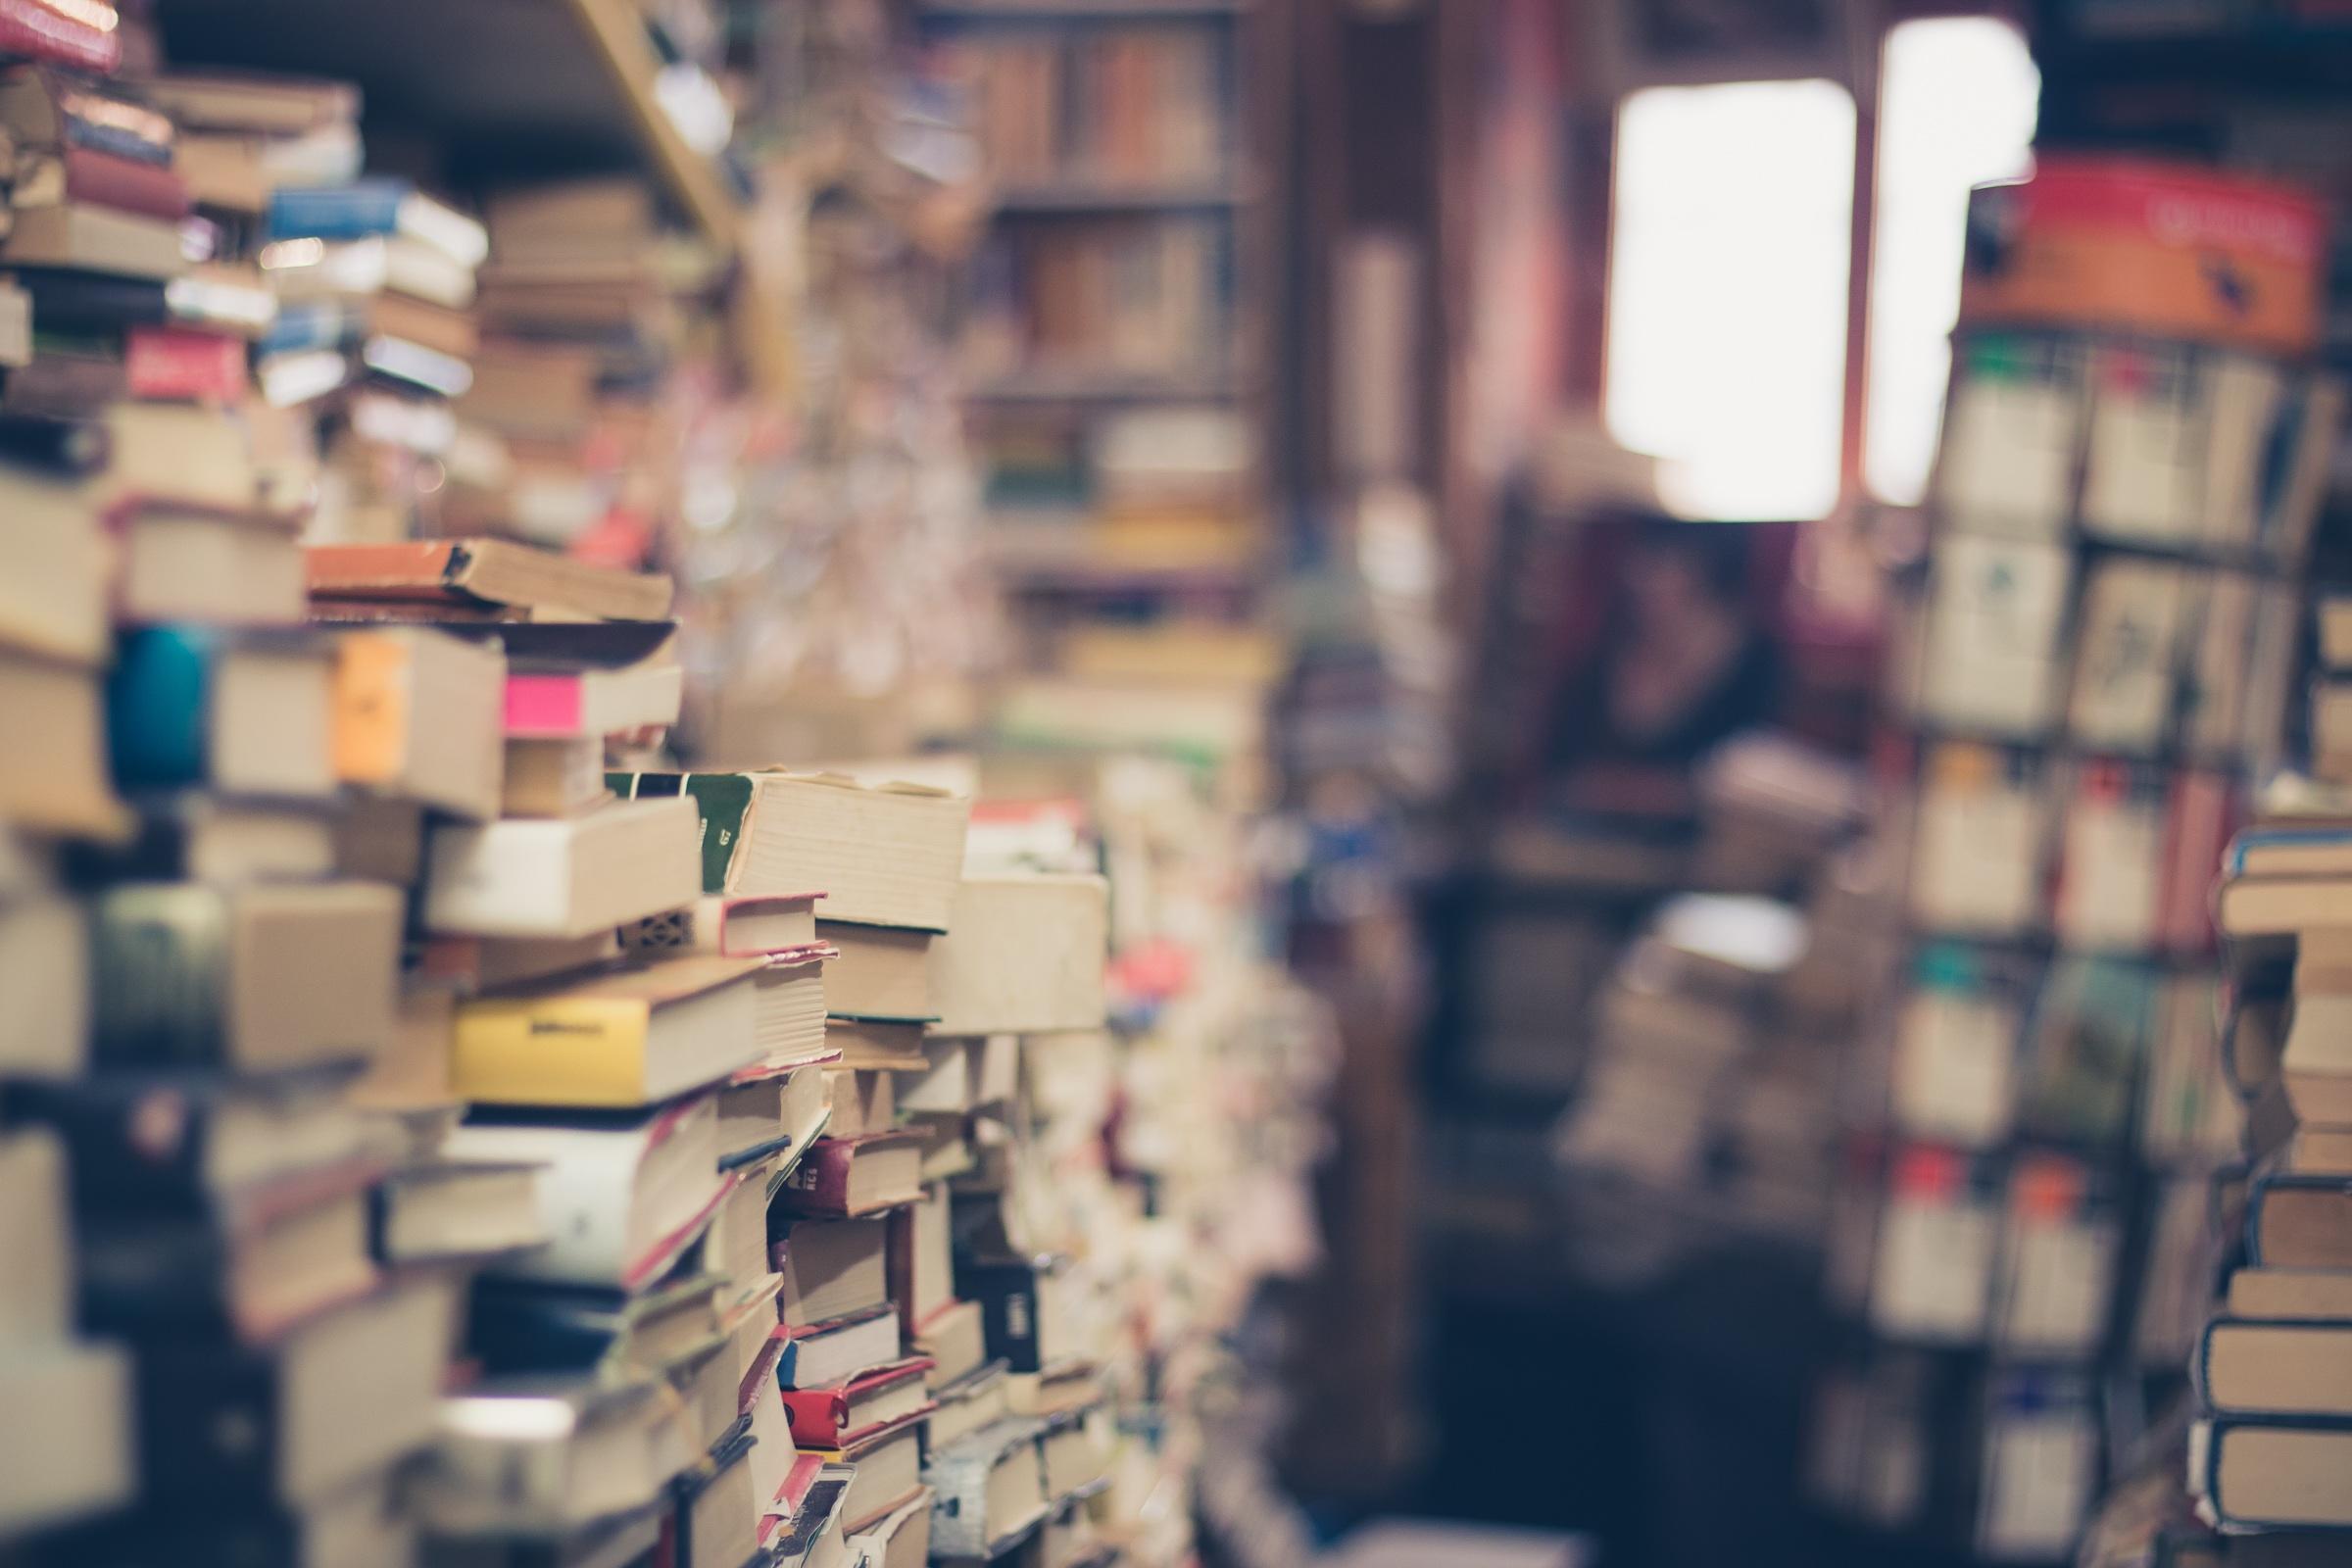 archivio tradizionale o archivio digitale?